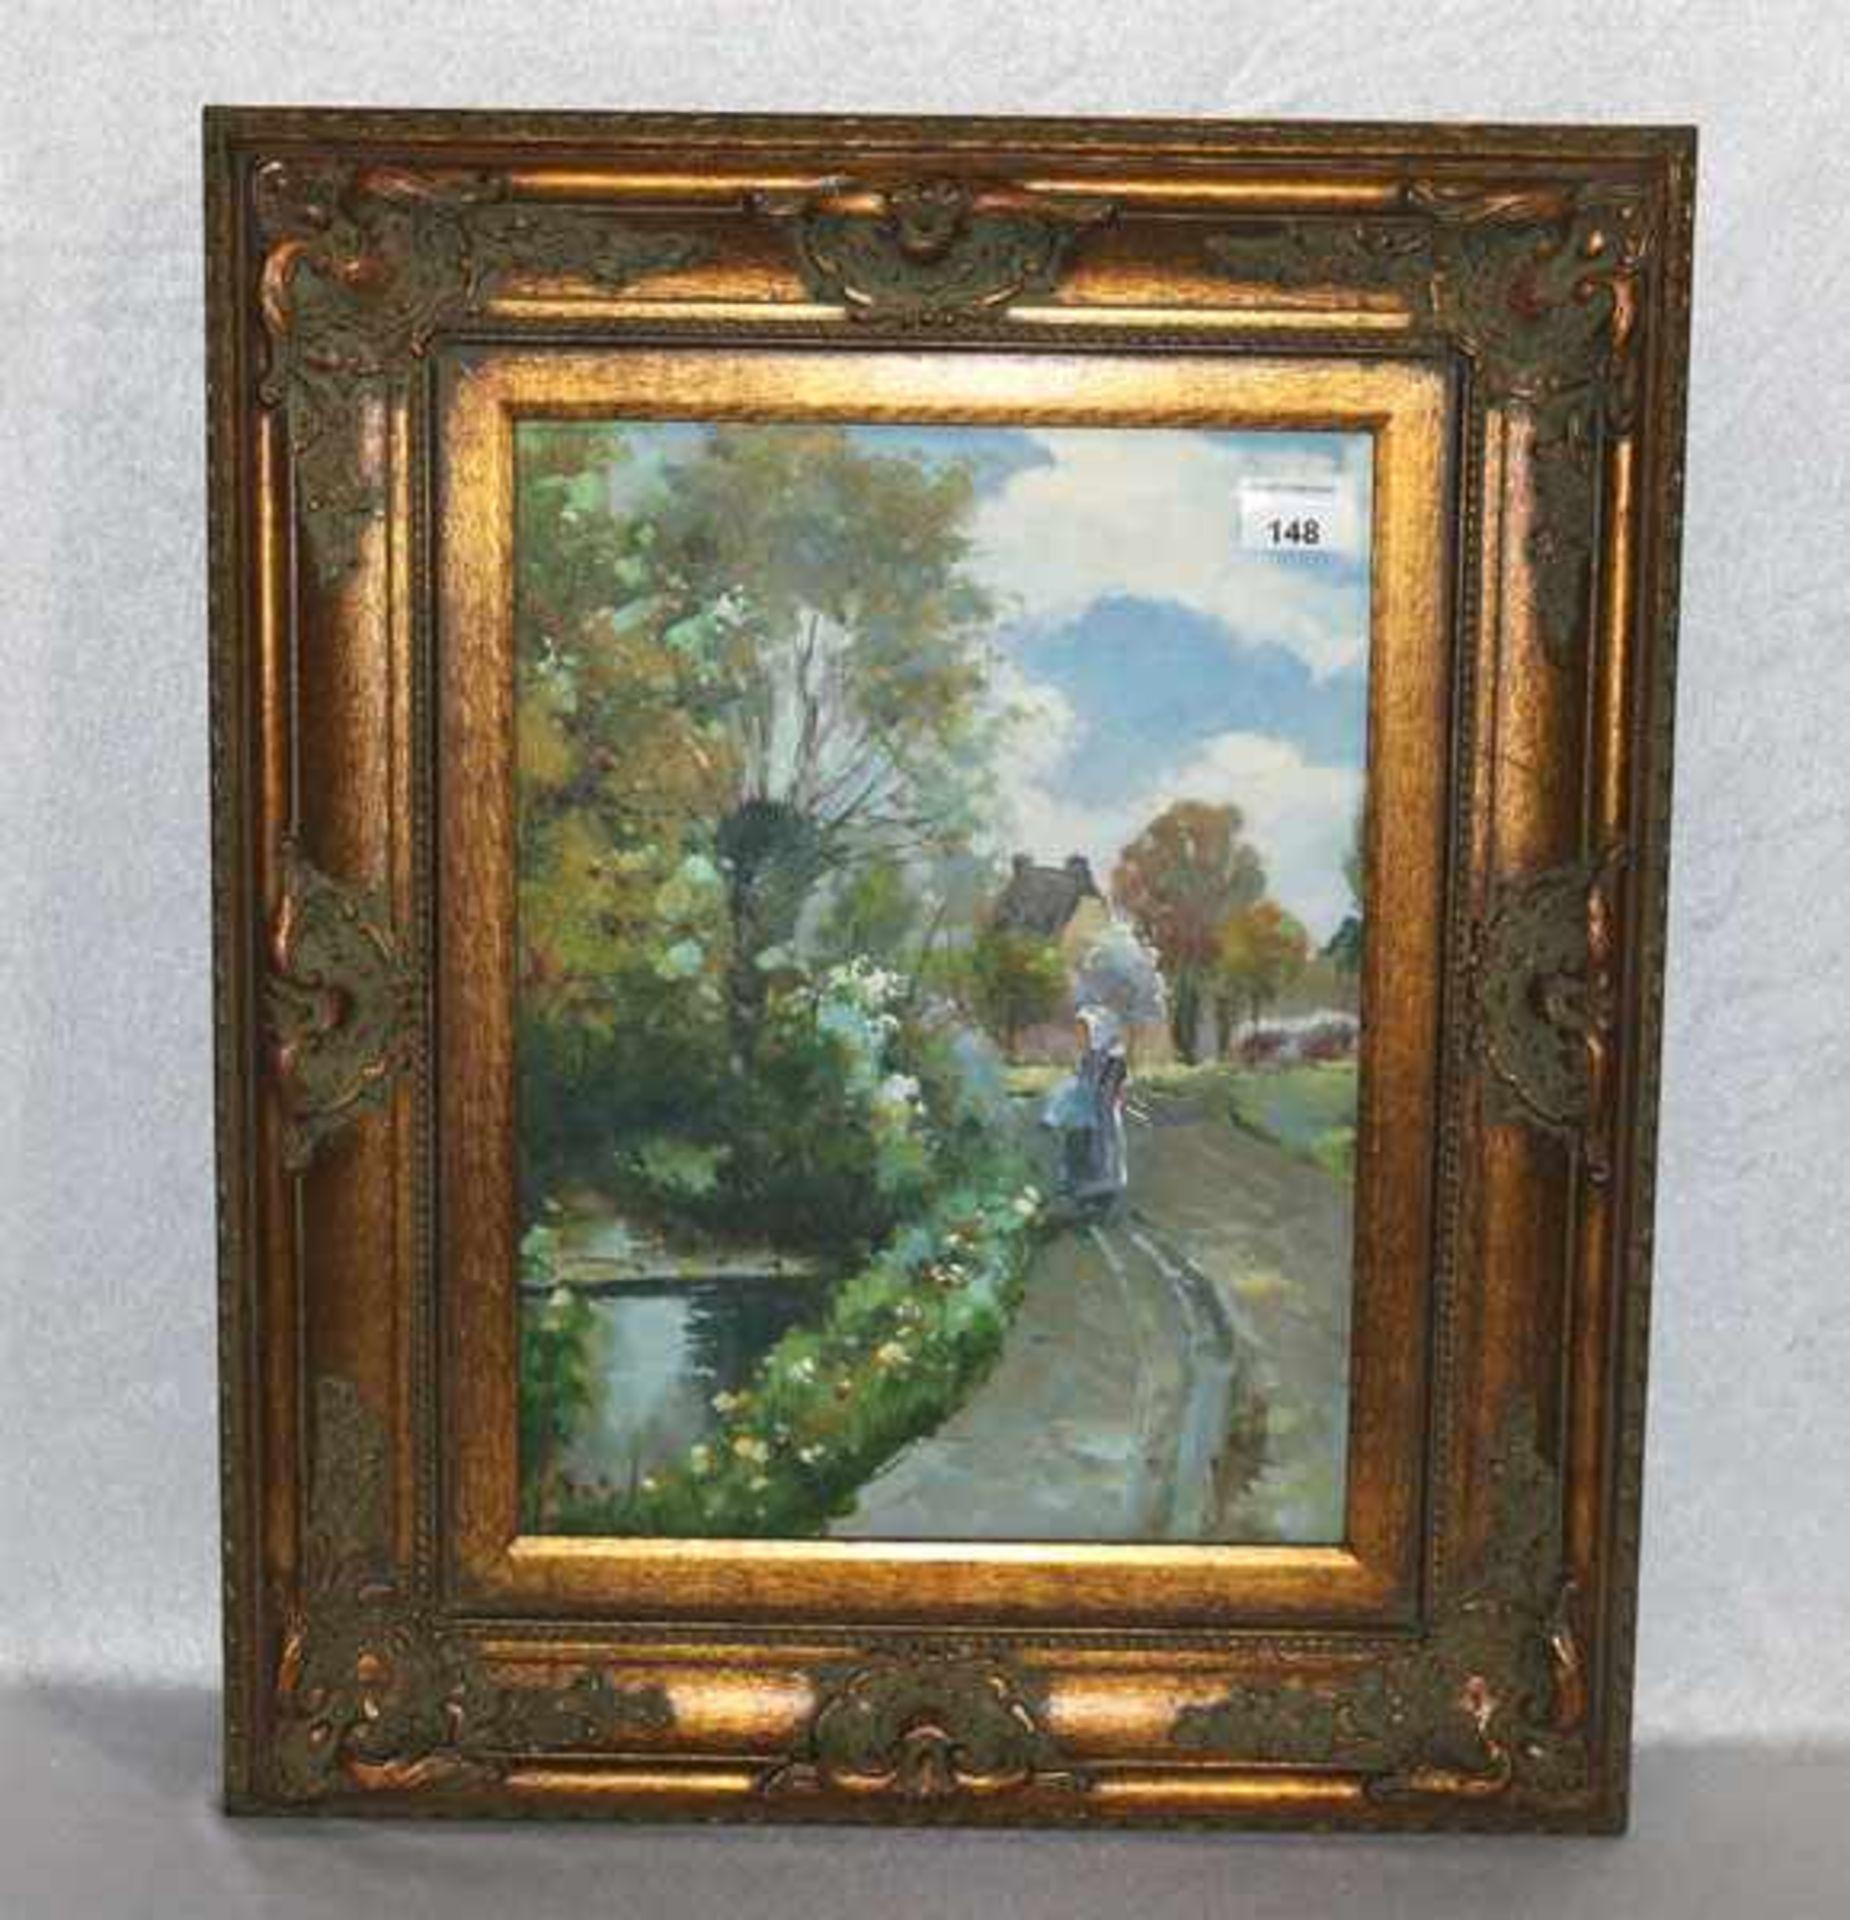 Los 148 - Gemälde ÖL/LW 'Landschafts-Szenerie im Frühling mit Mädchen', gerahmt, incl. Rahmen 60 cm x 50 cm